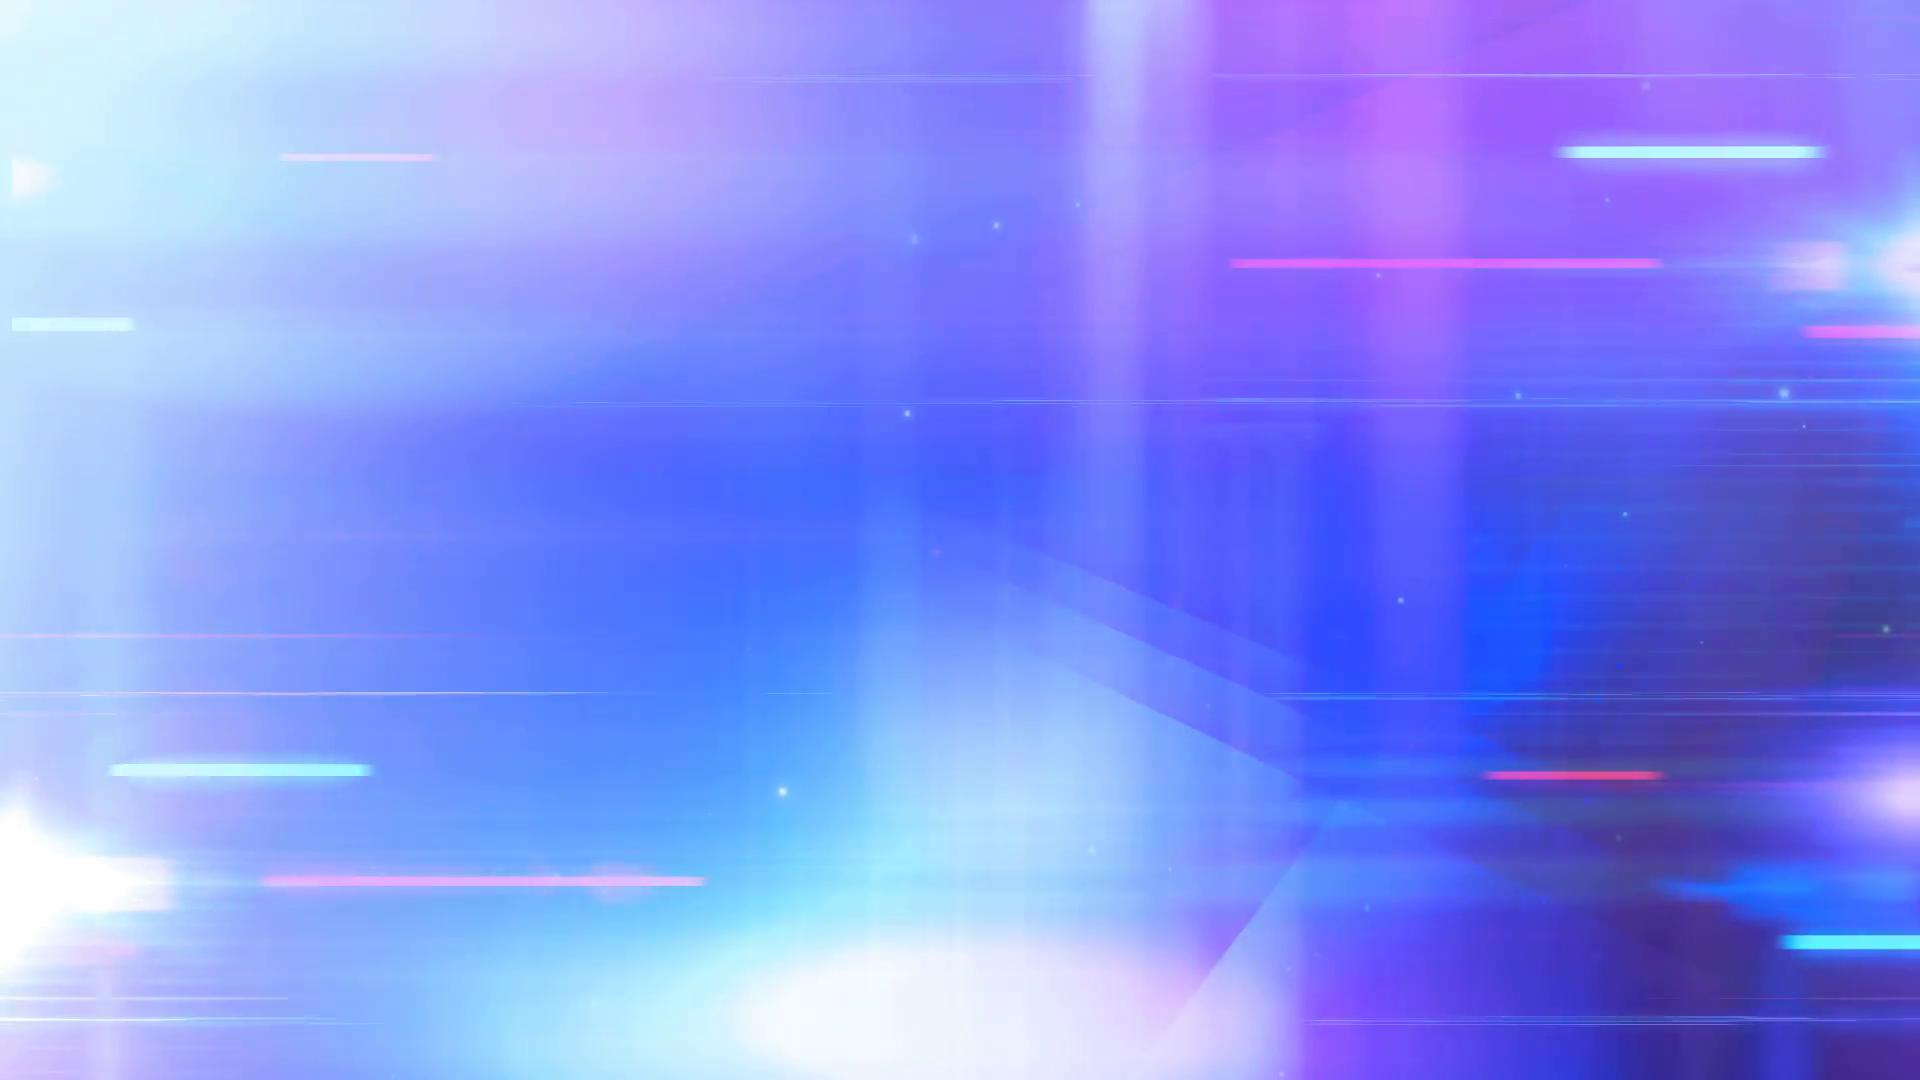 Broadcast Show Animated Background Motion Background   Storyblocks 1920x1080